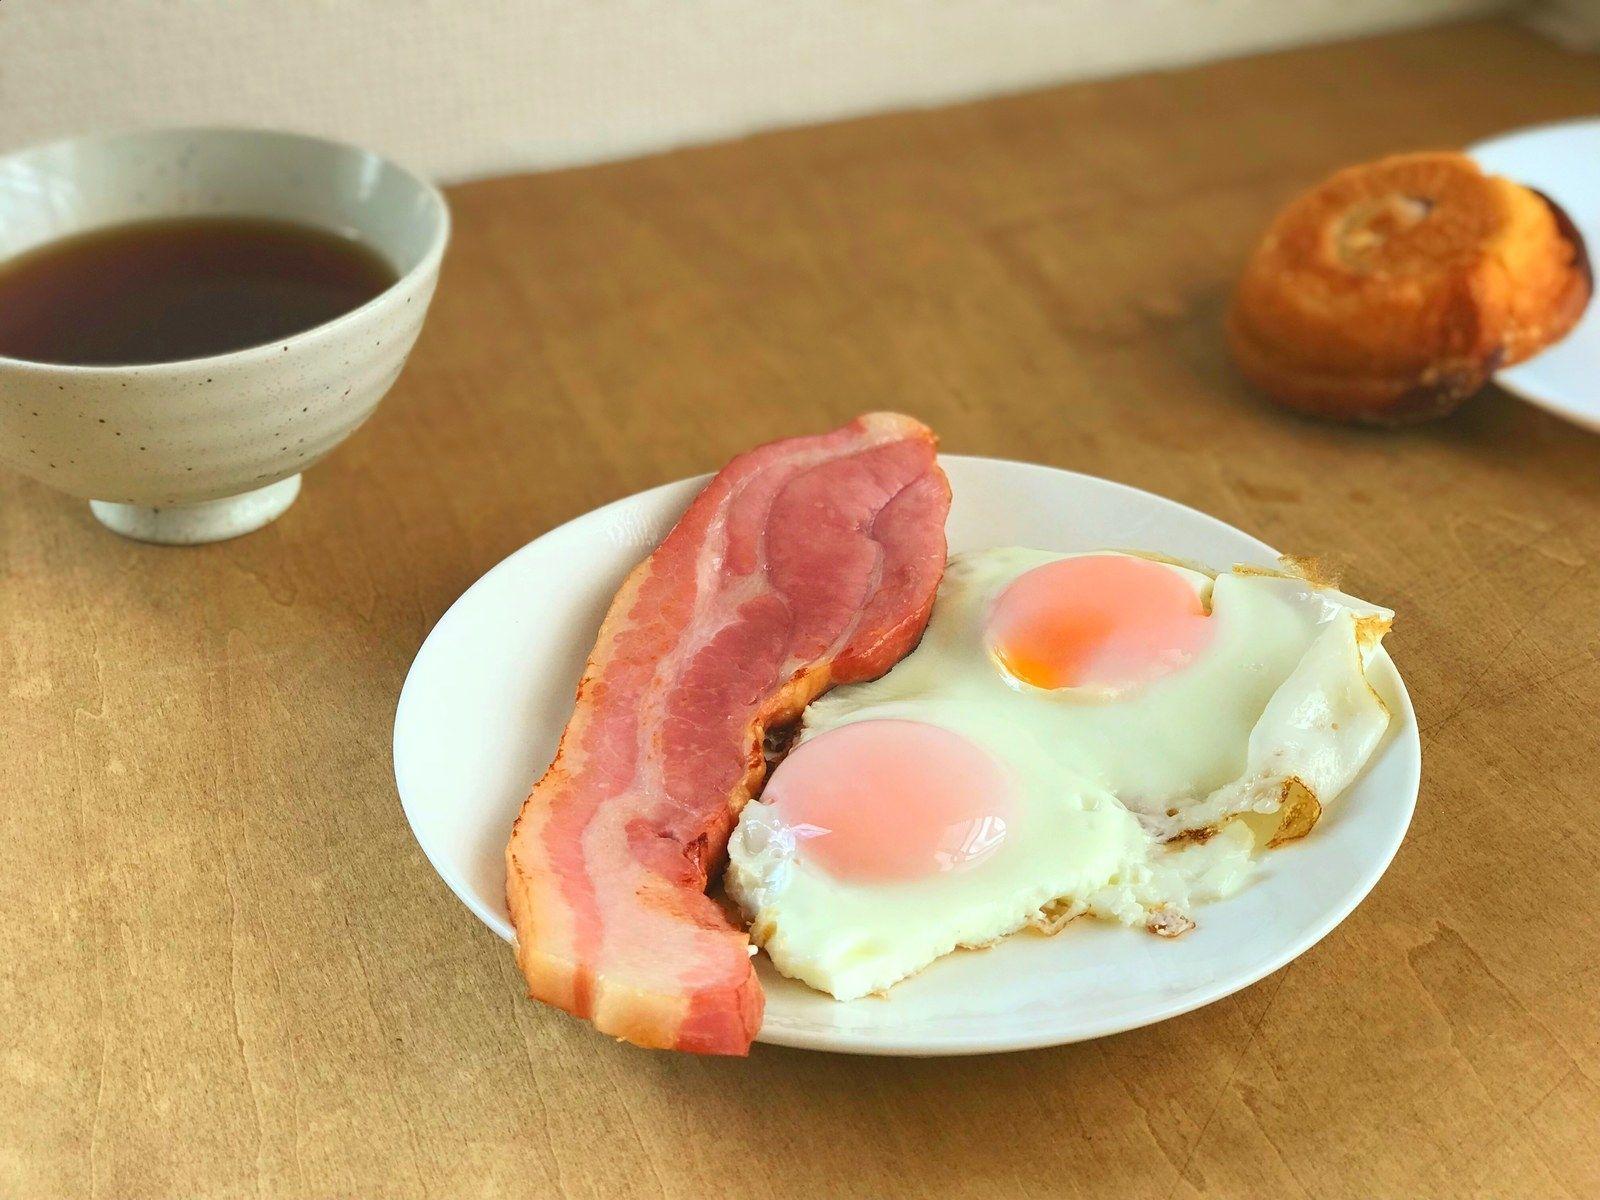 ジブリ飯 ハウルのベーコンエッグを作ってみた シンプルなのに美味しすぎる ベーコンエッグ ジブリ飯 ベーコン